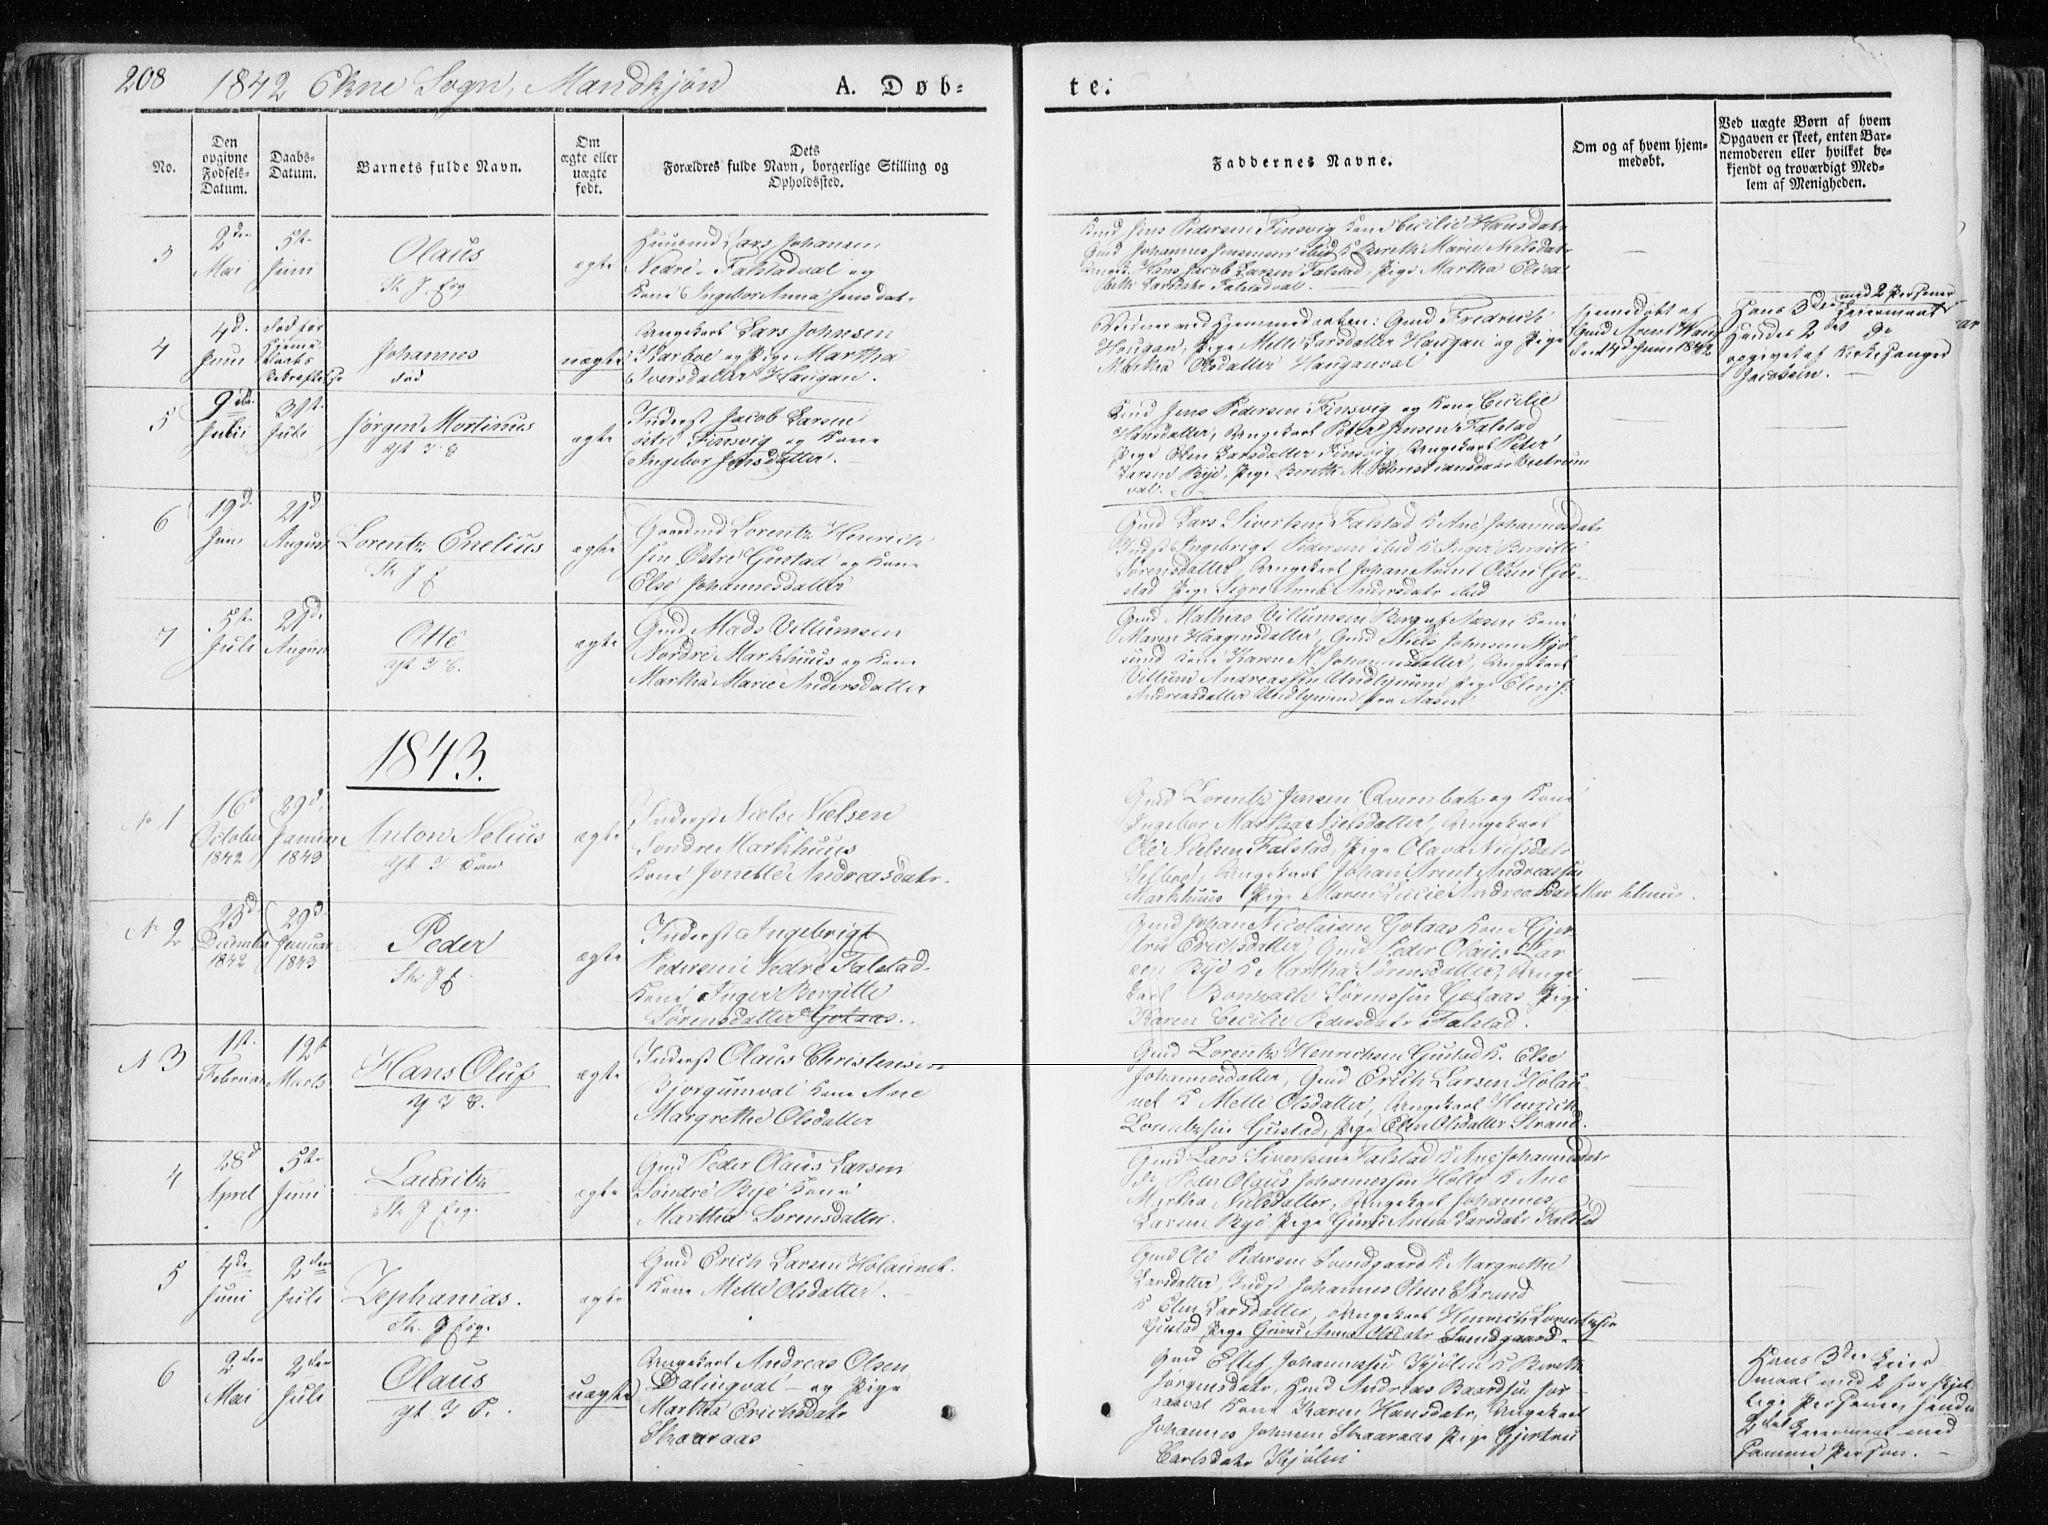 SAT, Ministerialprotokoller, klokkerbøker og fødselsregistre - Nord-Trøndelag, 717/L0154: Ministerialbok nr. 717A06 /2, 1836-1849, s. 208